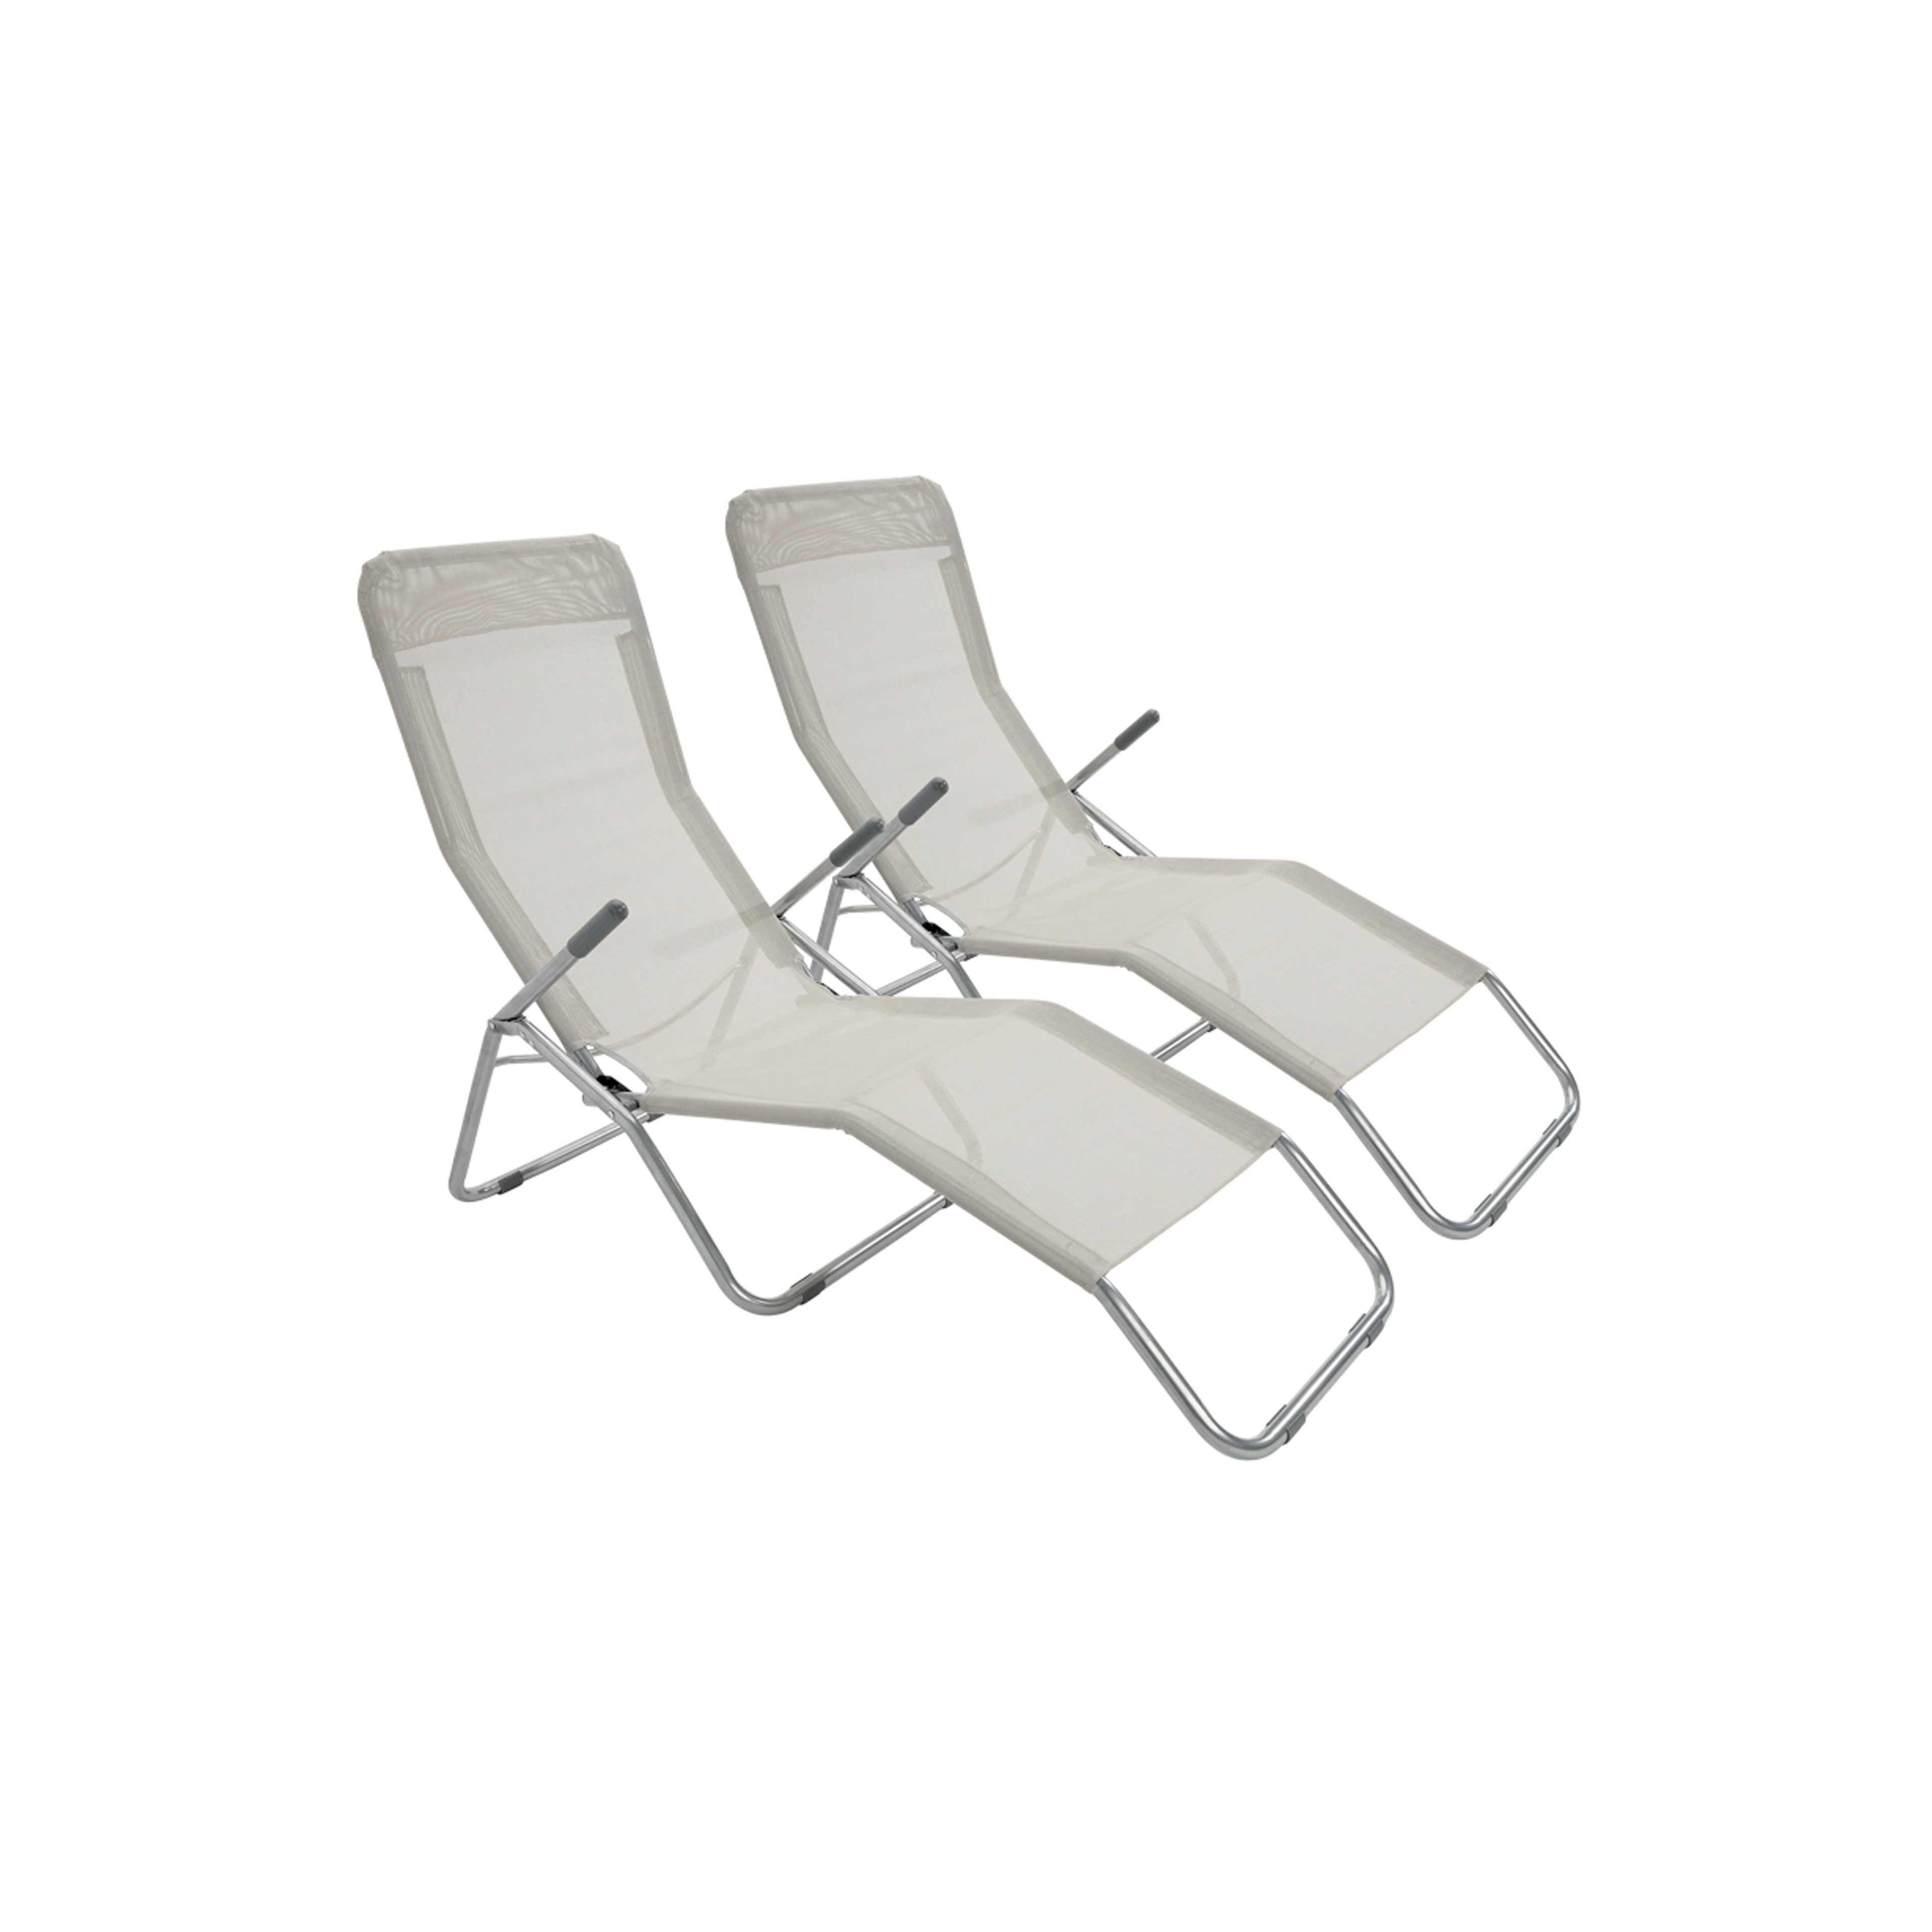 Chaise longue à bascule | Vocally